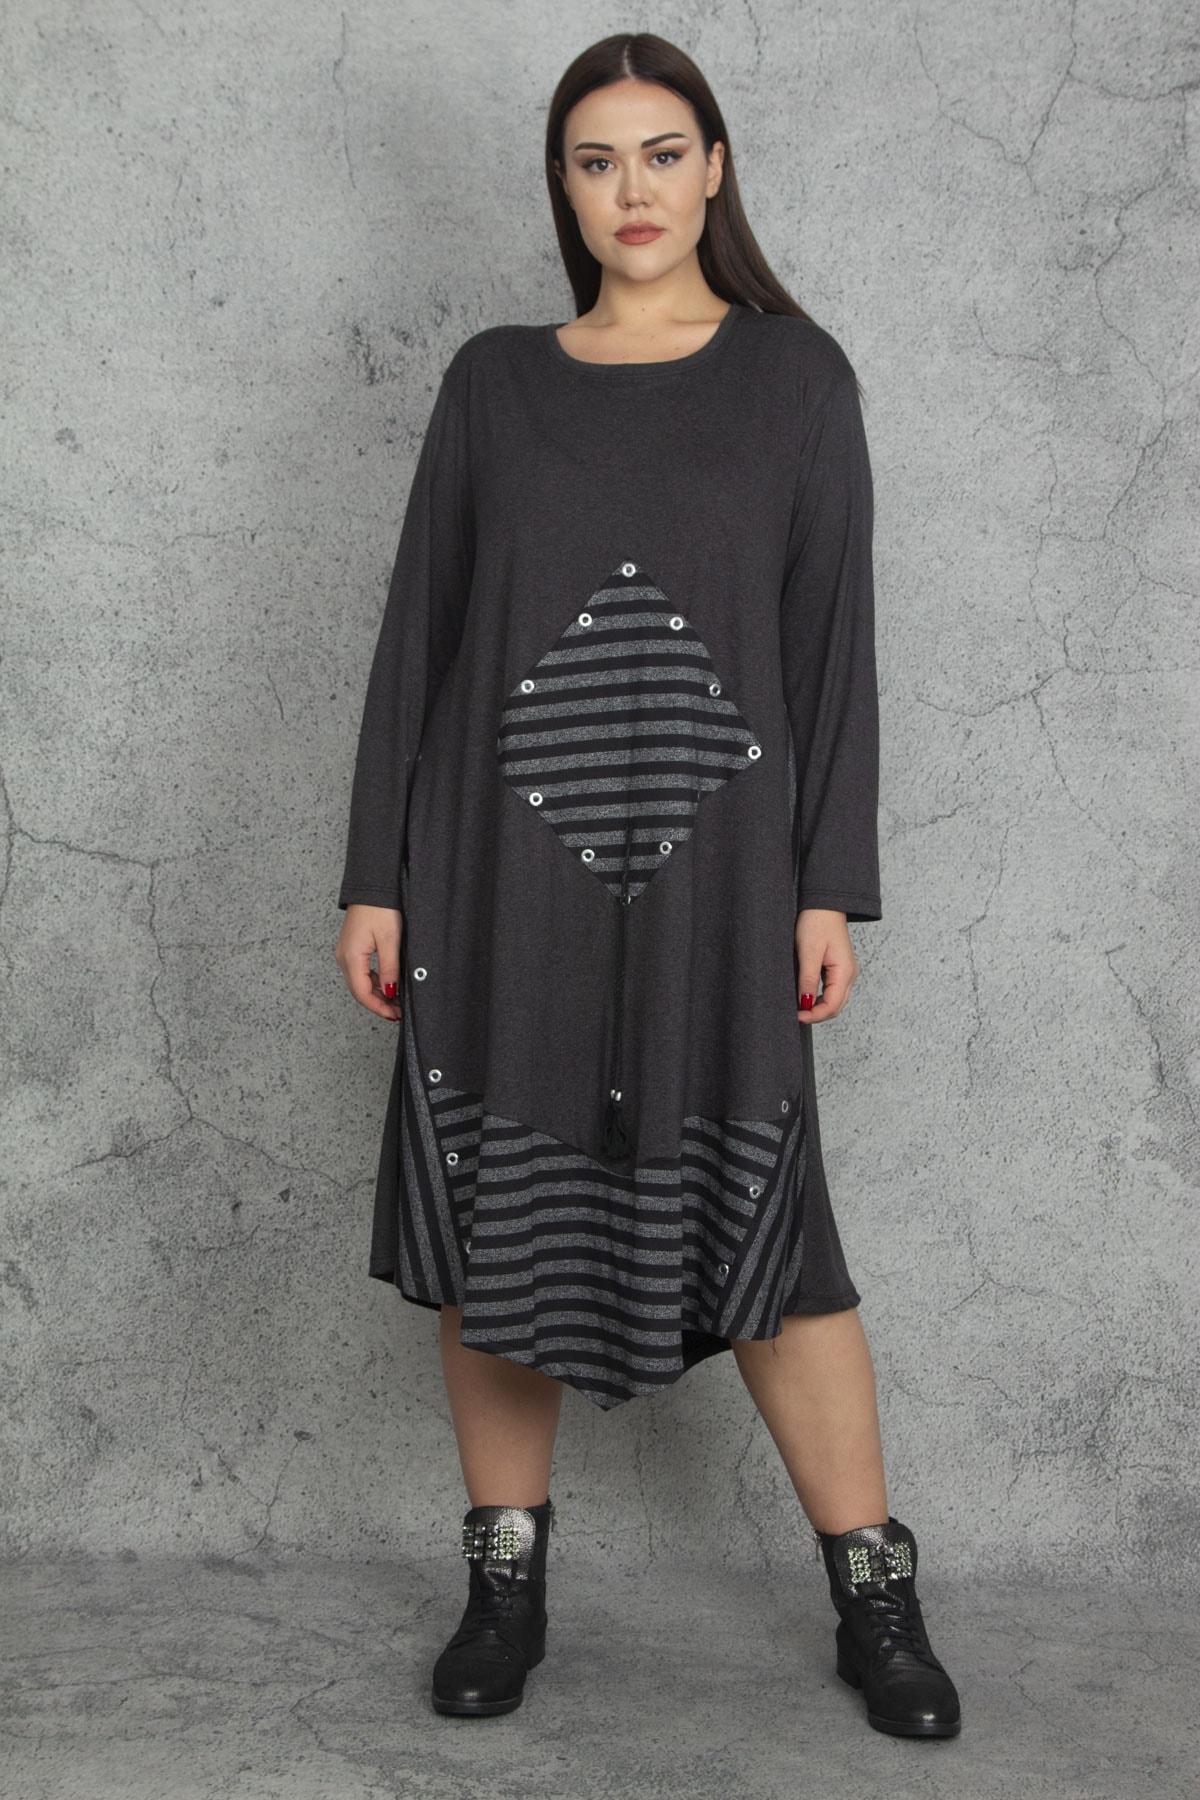 Şans Kadın Antrasit Taş Ve Çizgi Detaylı Elbise 65N20289 1